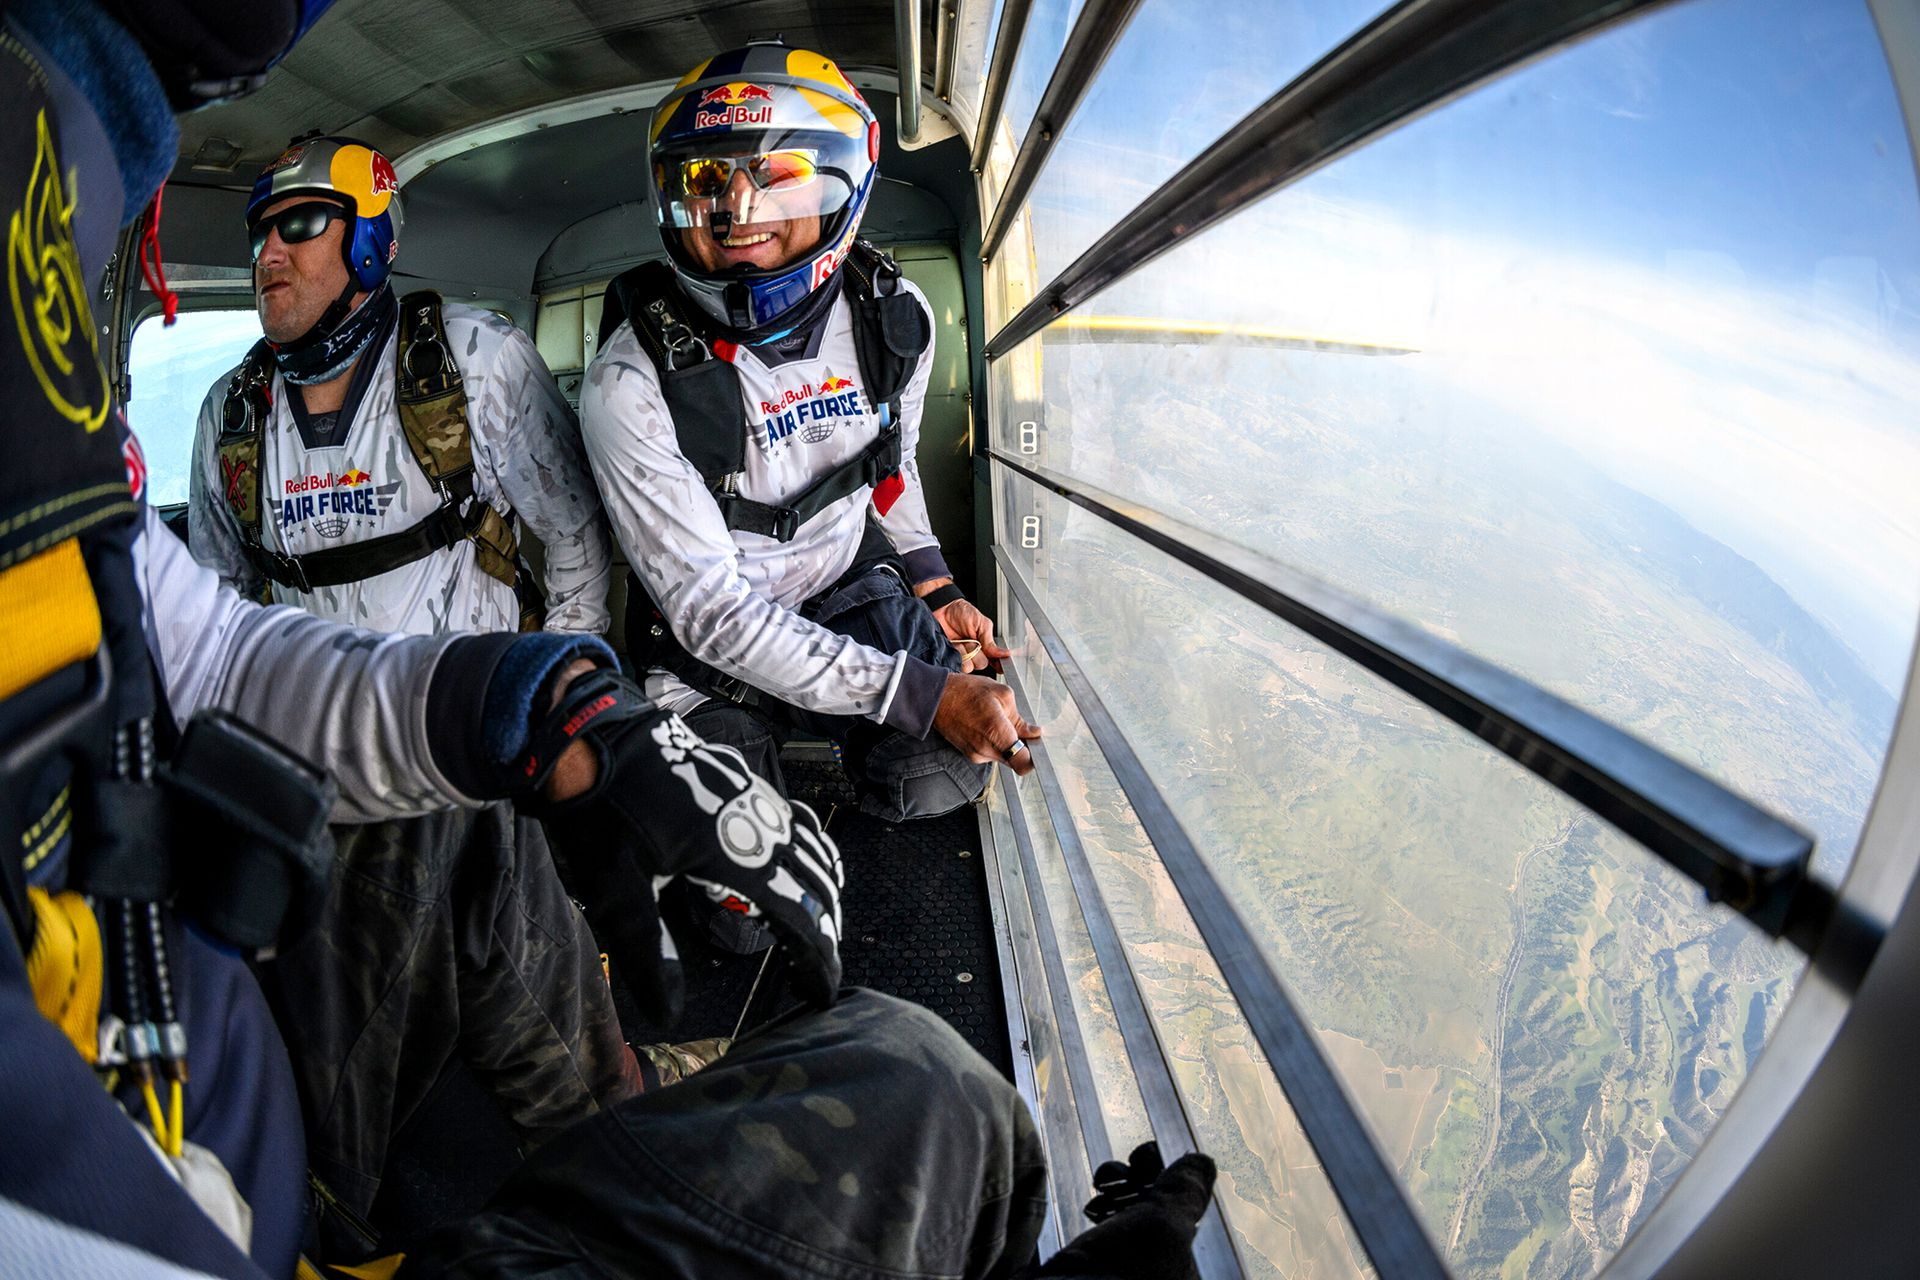 Los paracaidistas se alistan para saltar desde el avión sobre Los Alamos, en California, EE. UU.